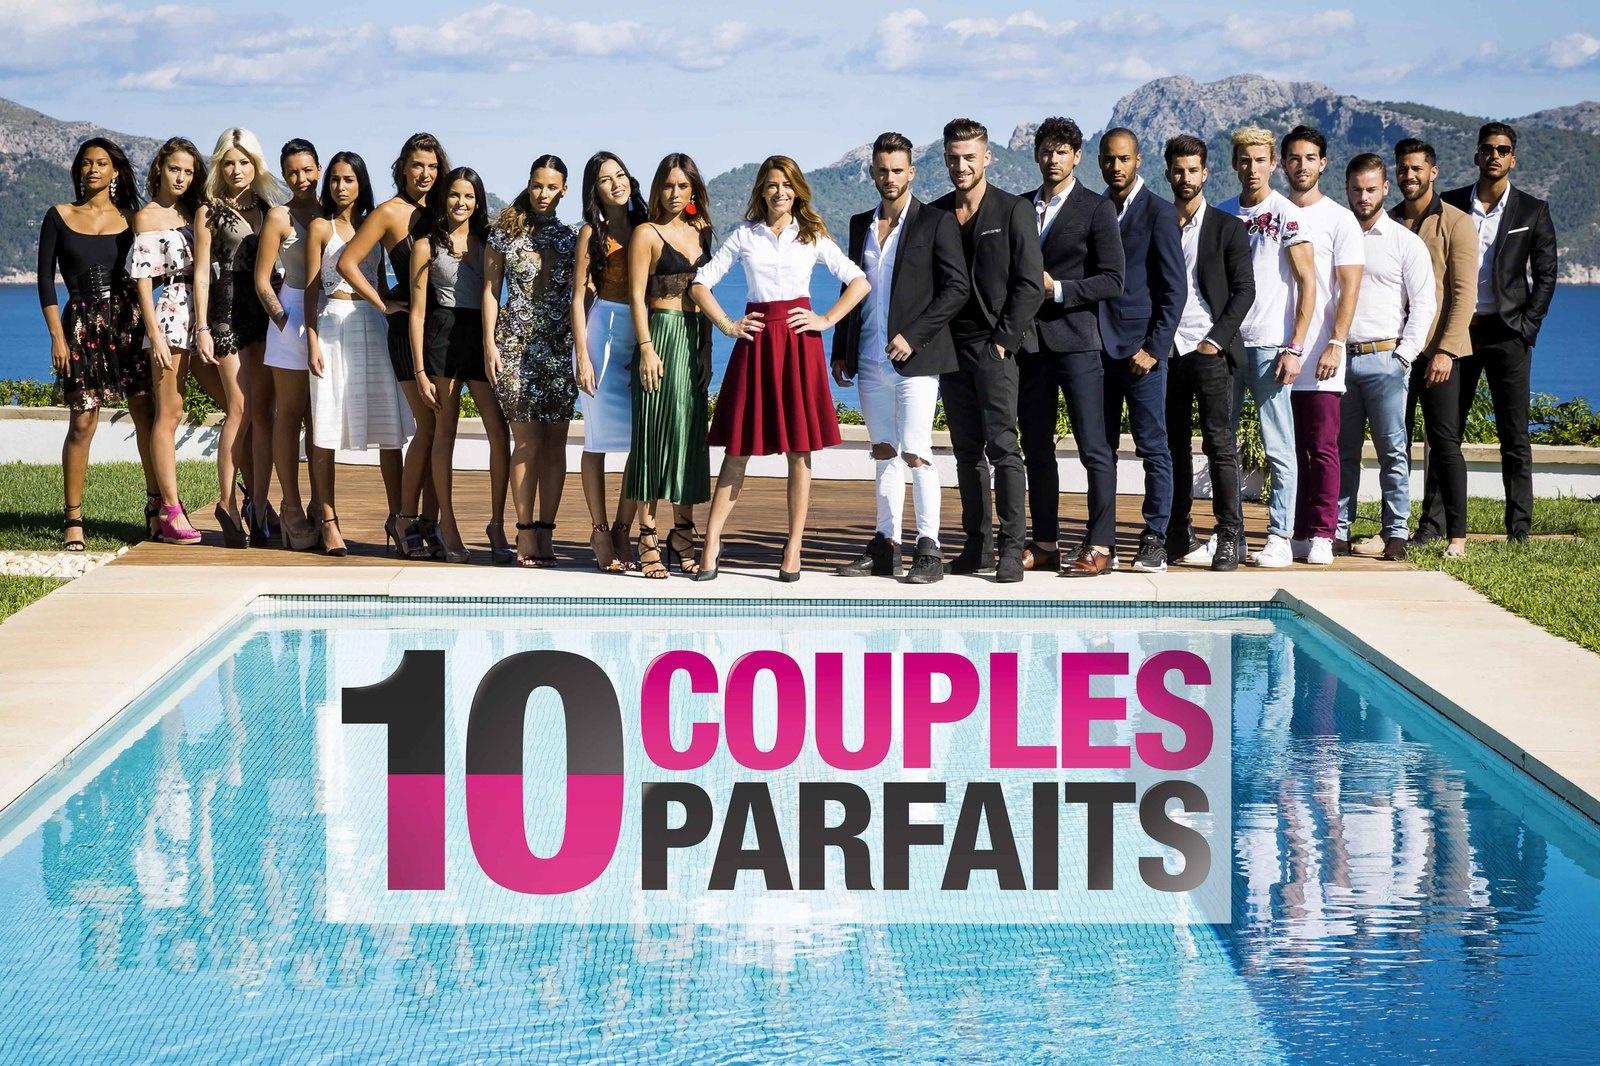 La deuxième saison de 10 Couples Parfaits